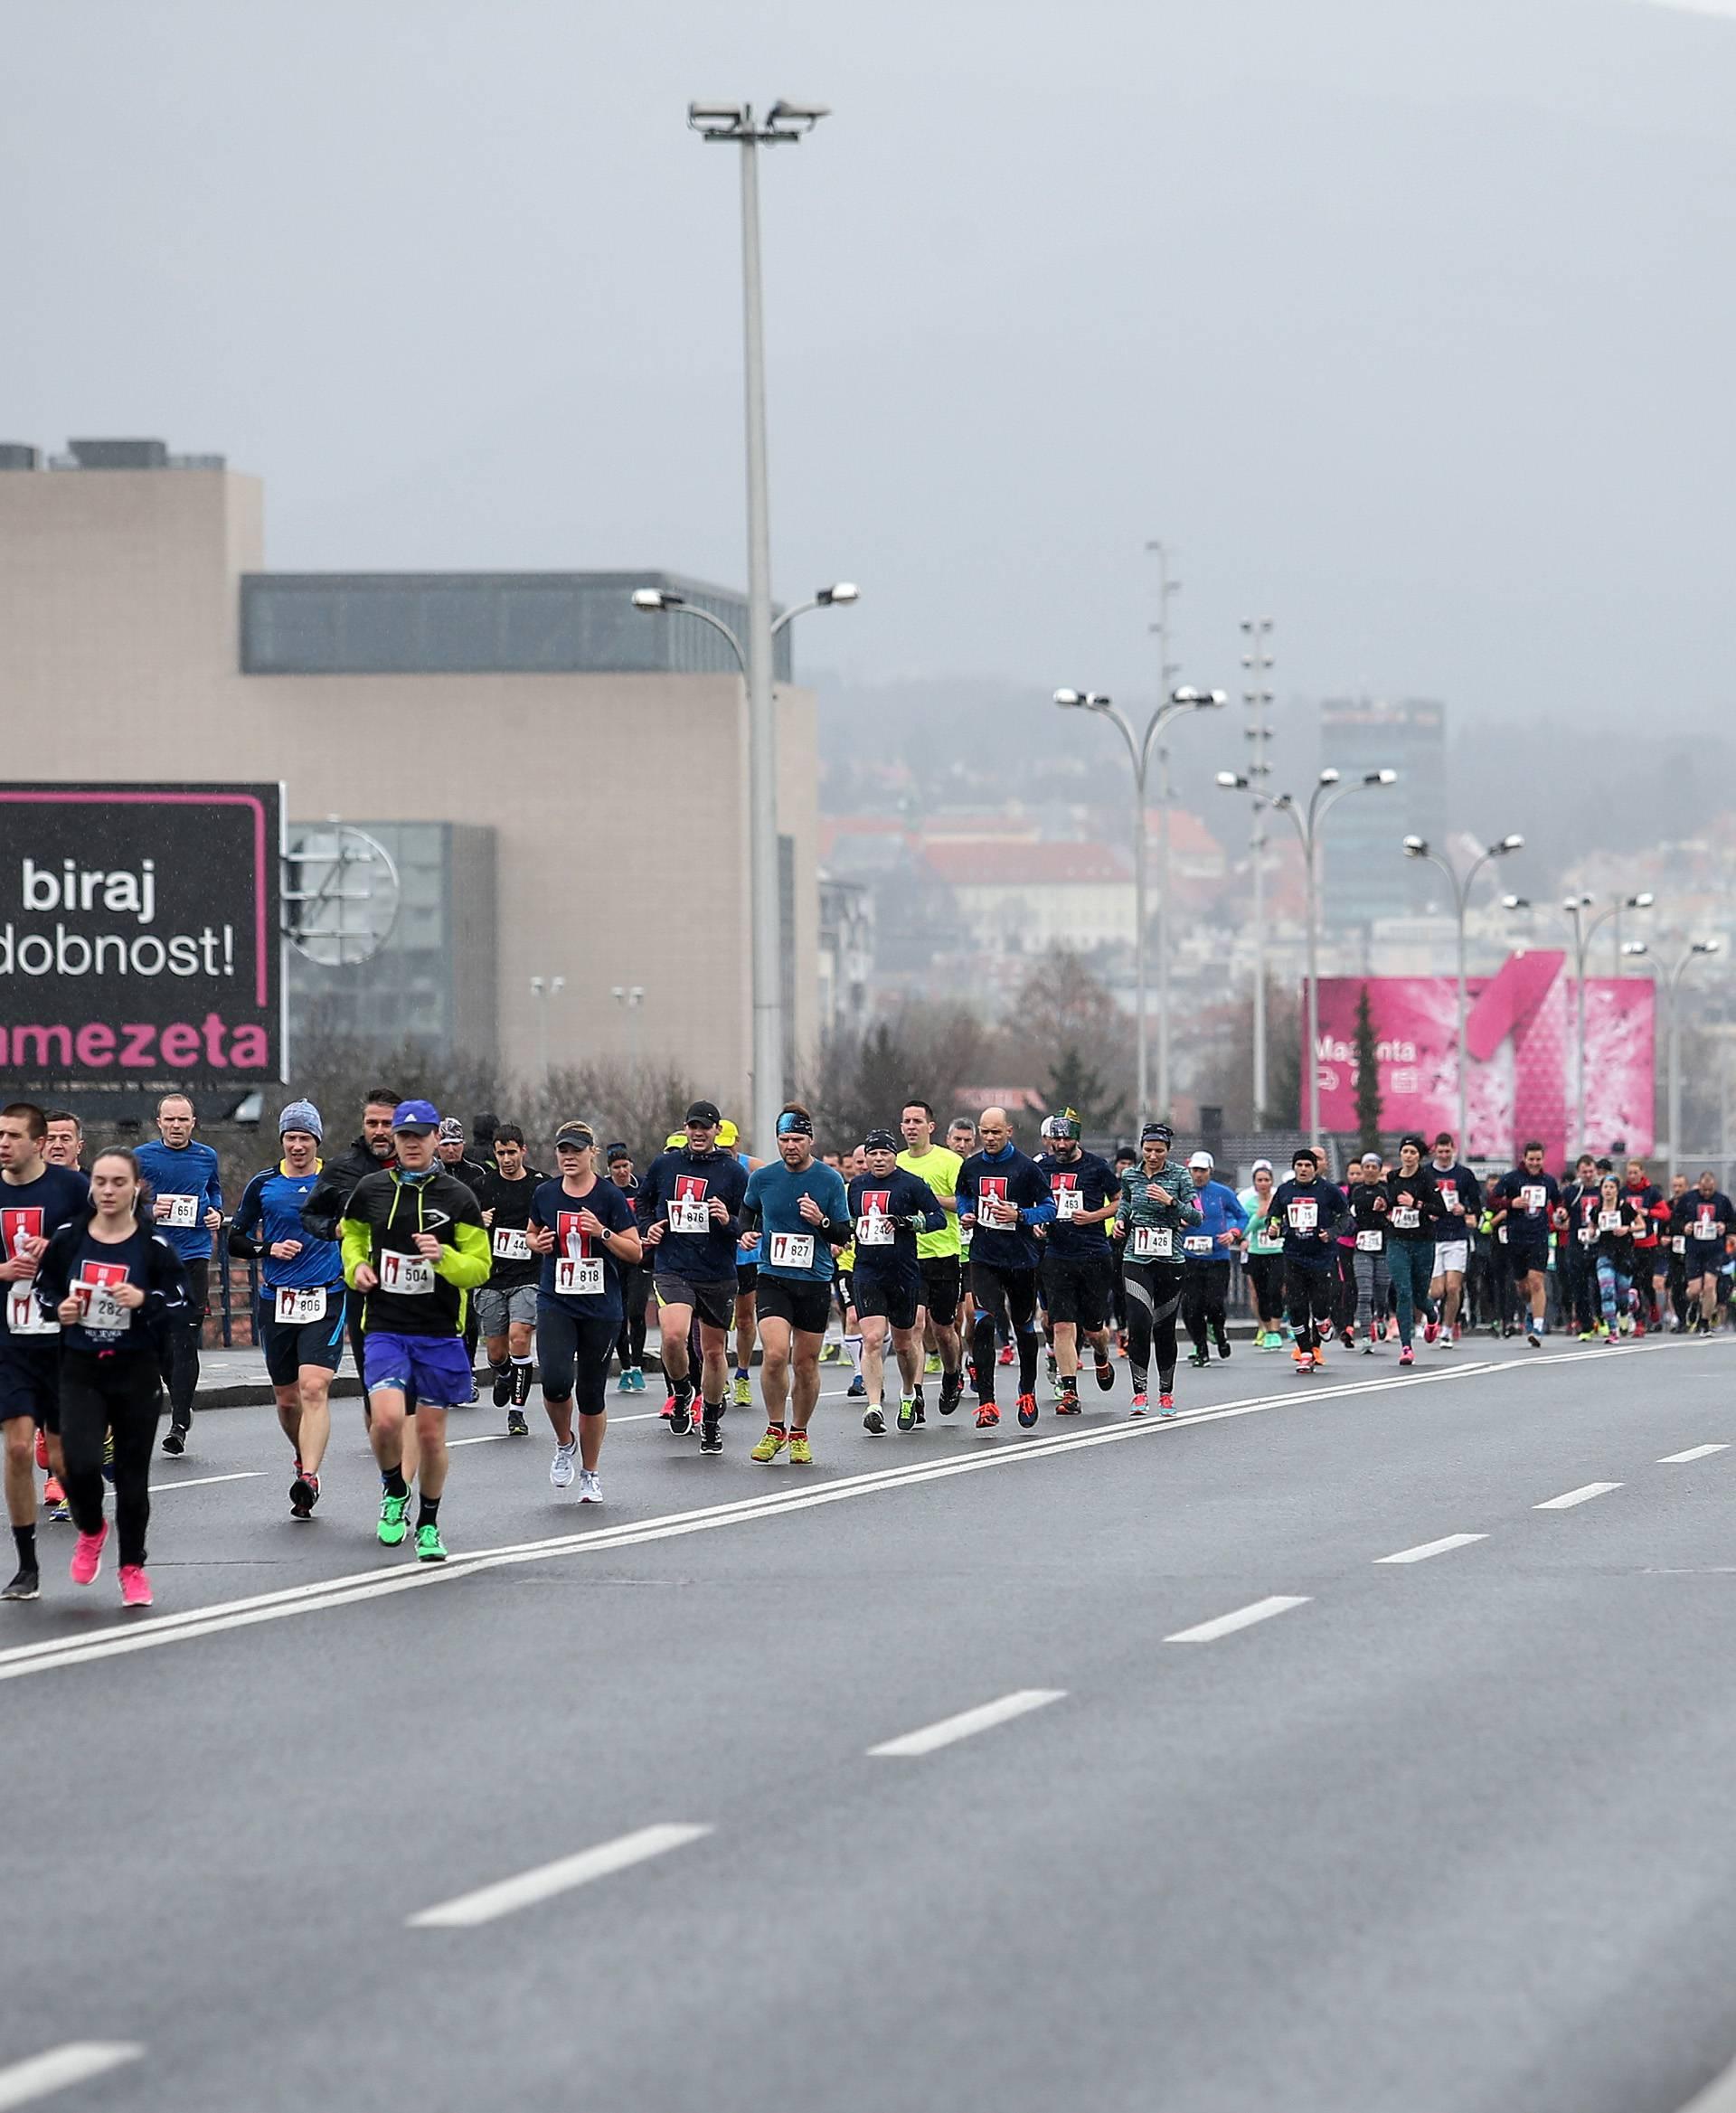 Hodočašće i utrka: Za vikend u Zagrebu zatvaraju brojne ceste